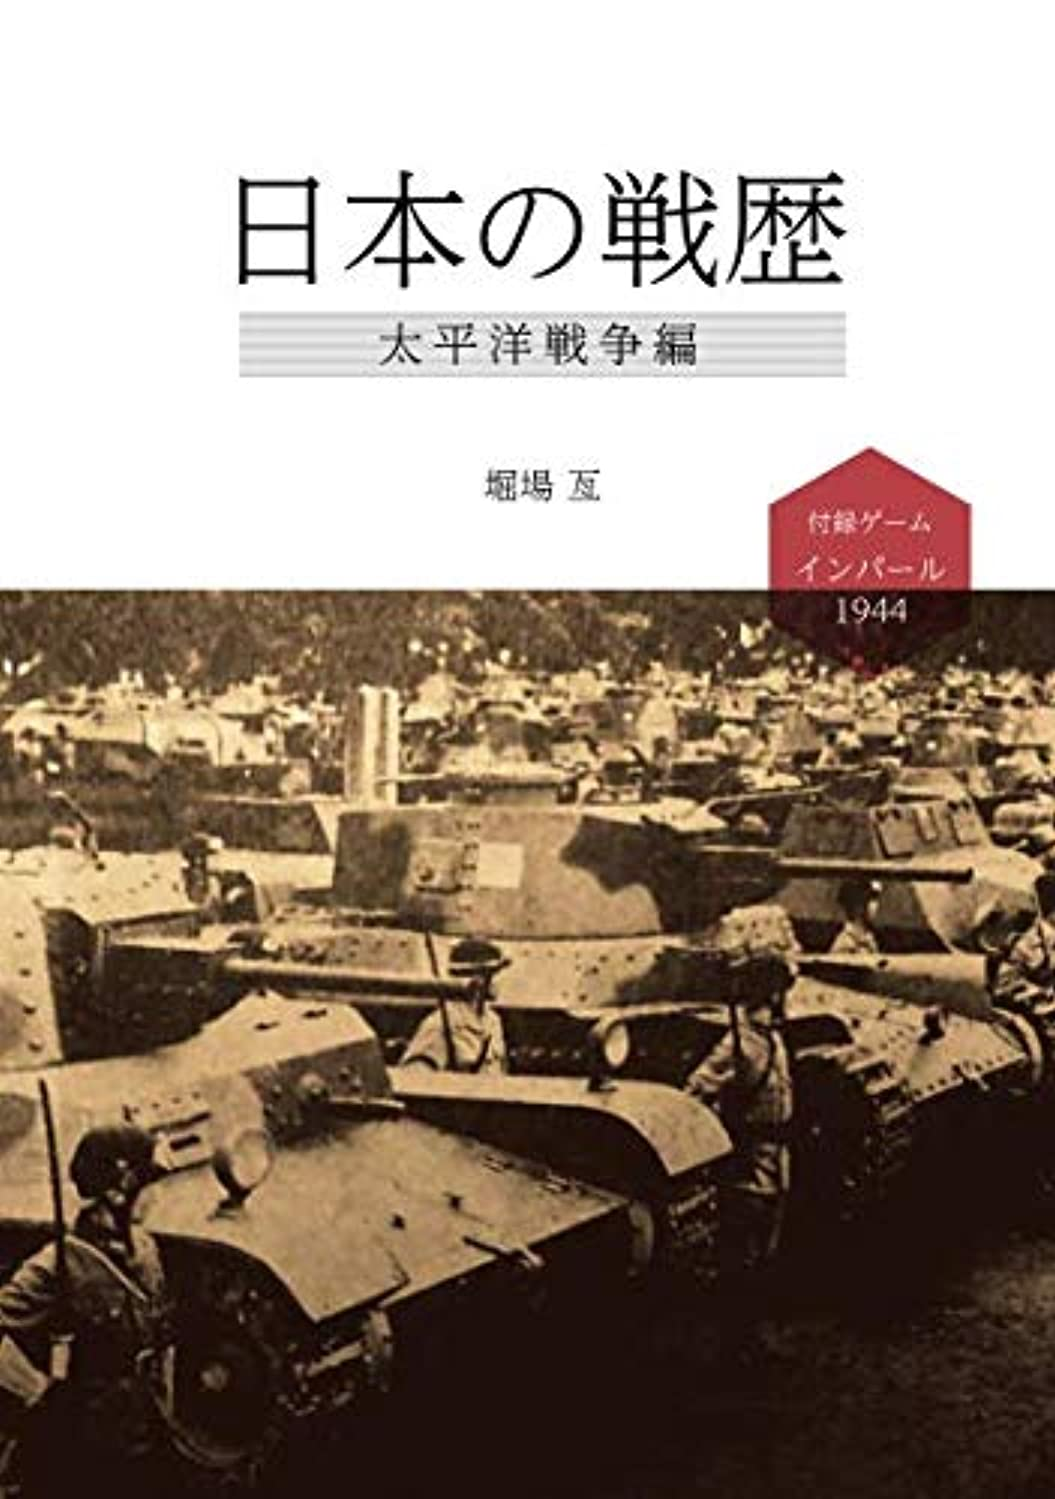 コンテンポラリー不十分悪質な日本の戦歴 太平洋戦争編